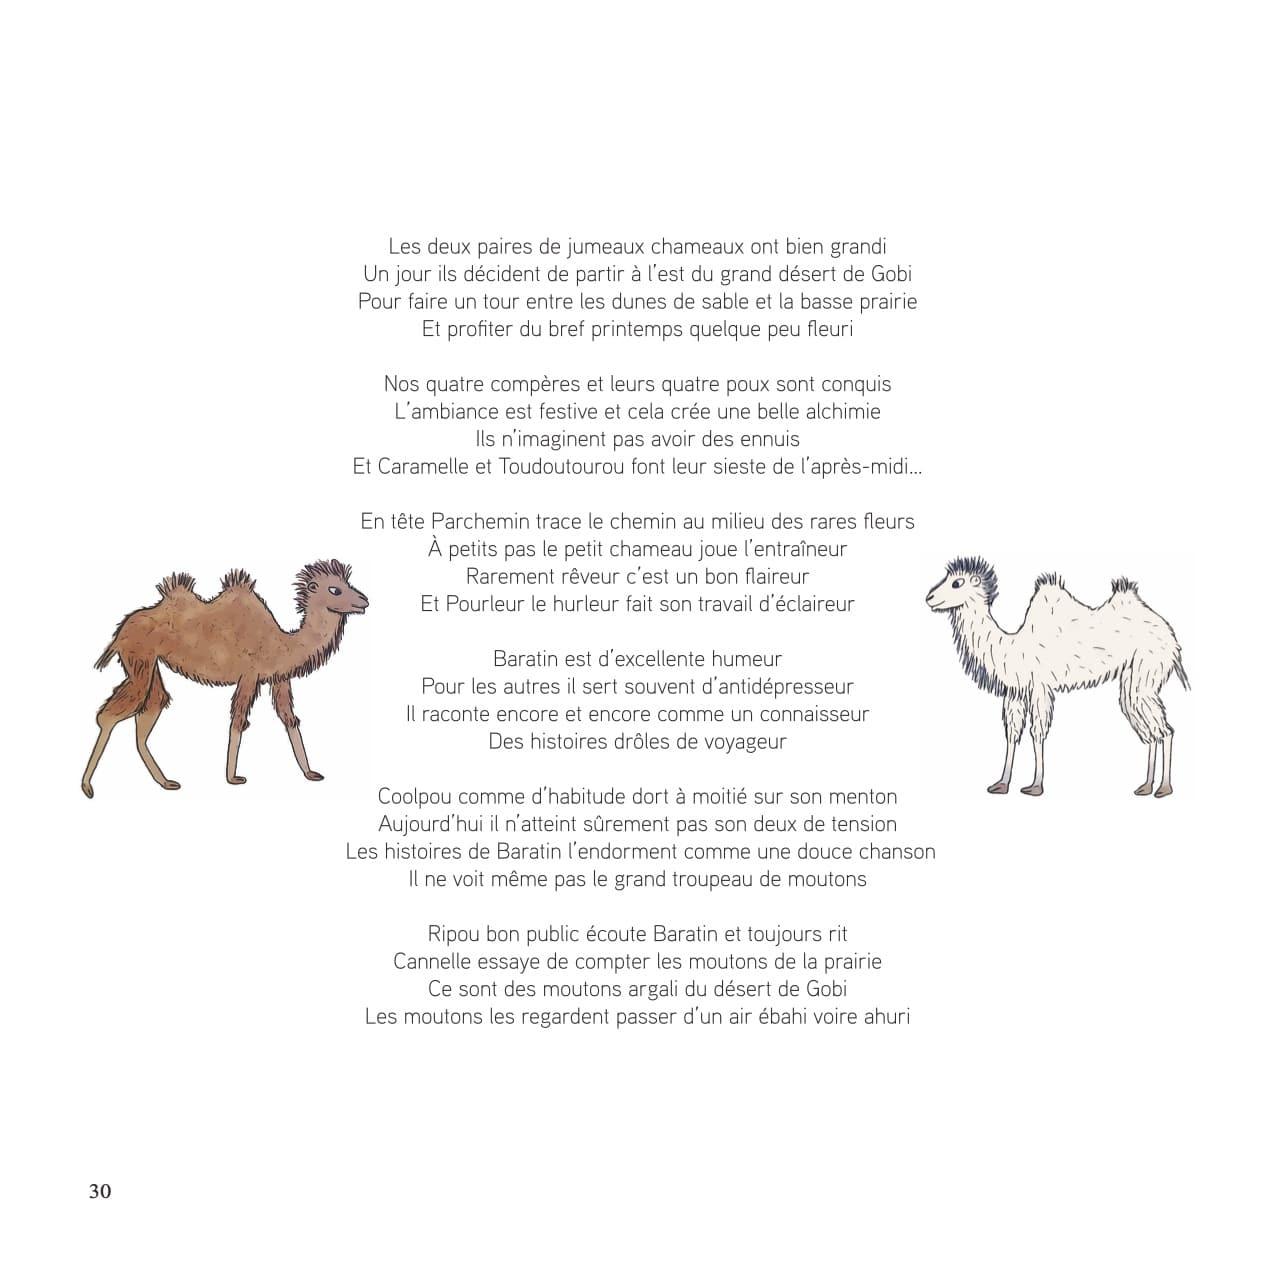 Extrait du livre pour enfants et jeunesse Des chameaux et des poux